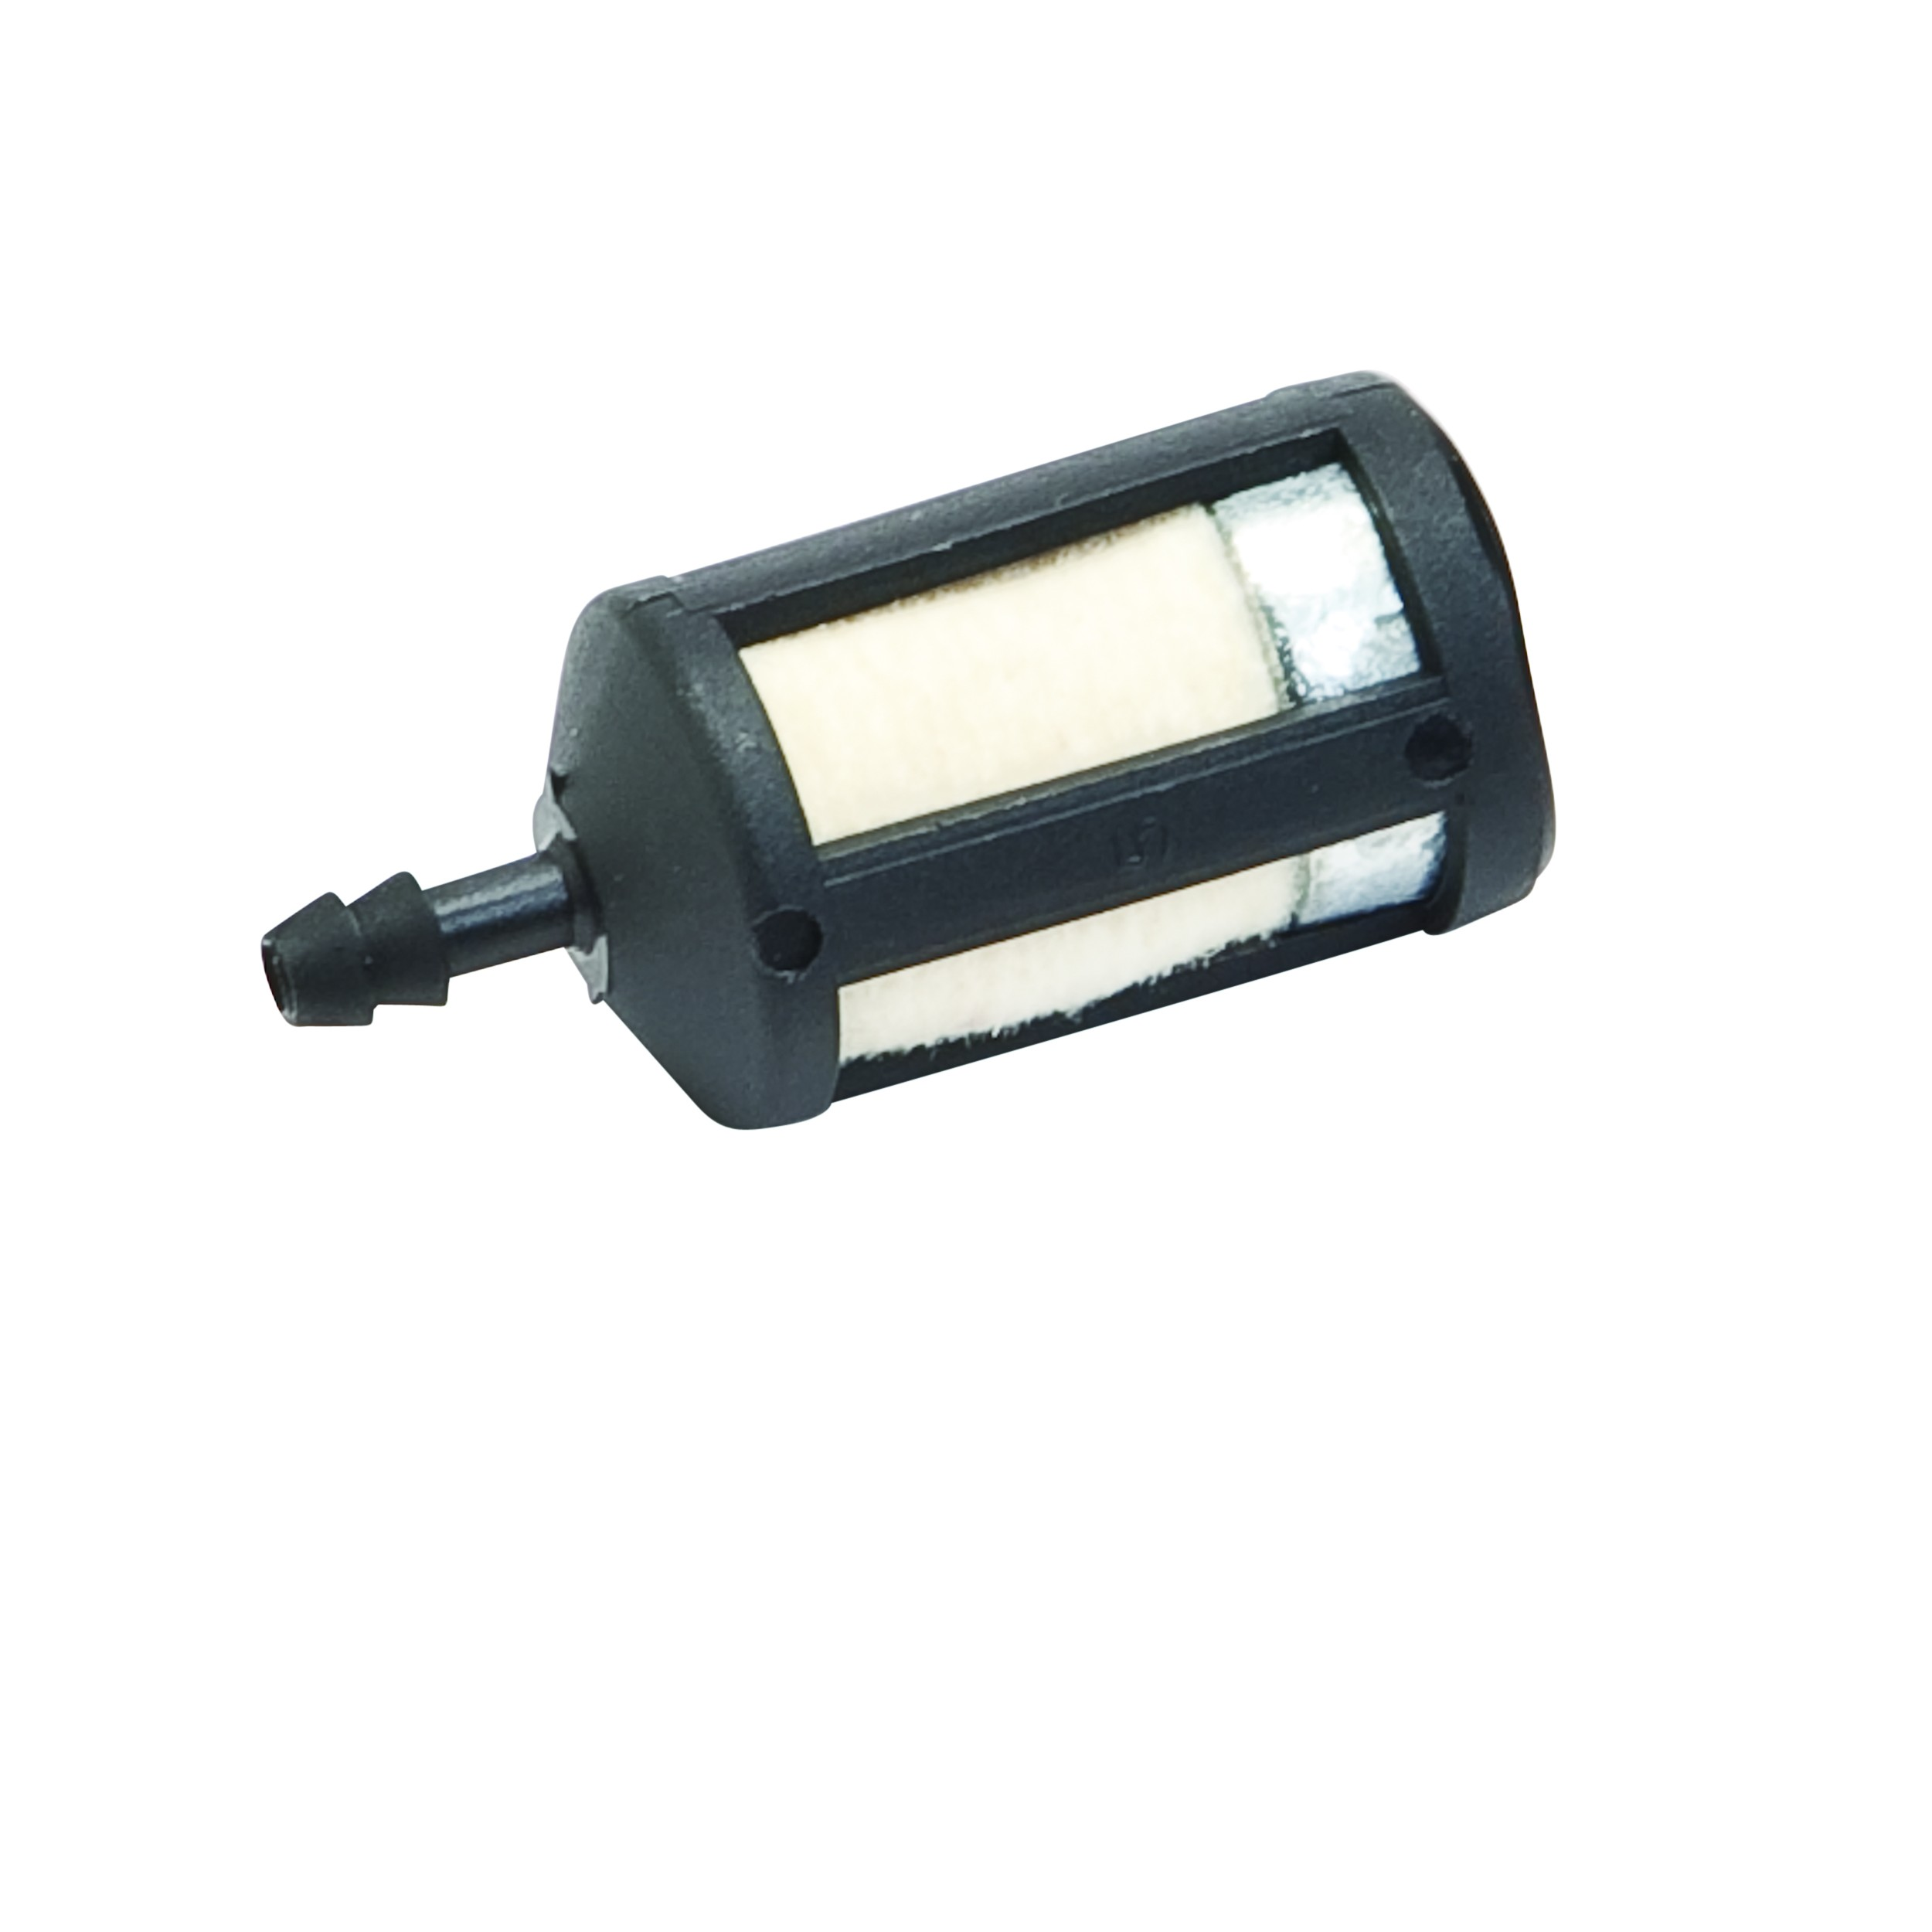 Palivový filtr (typ ZAMA ZF-3) průměr 3,2mm pro malé motory